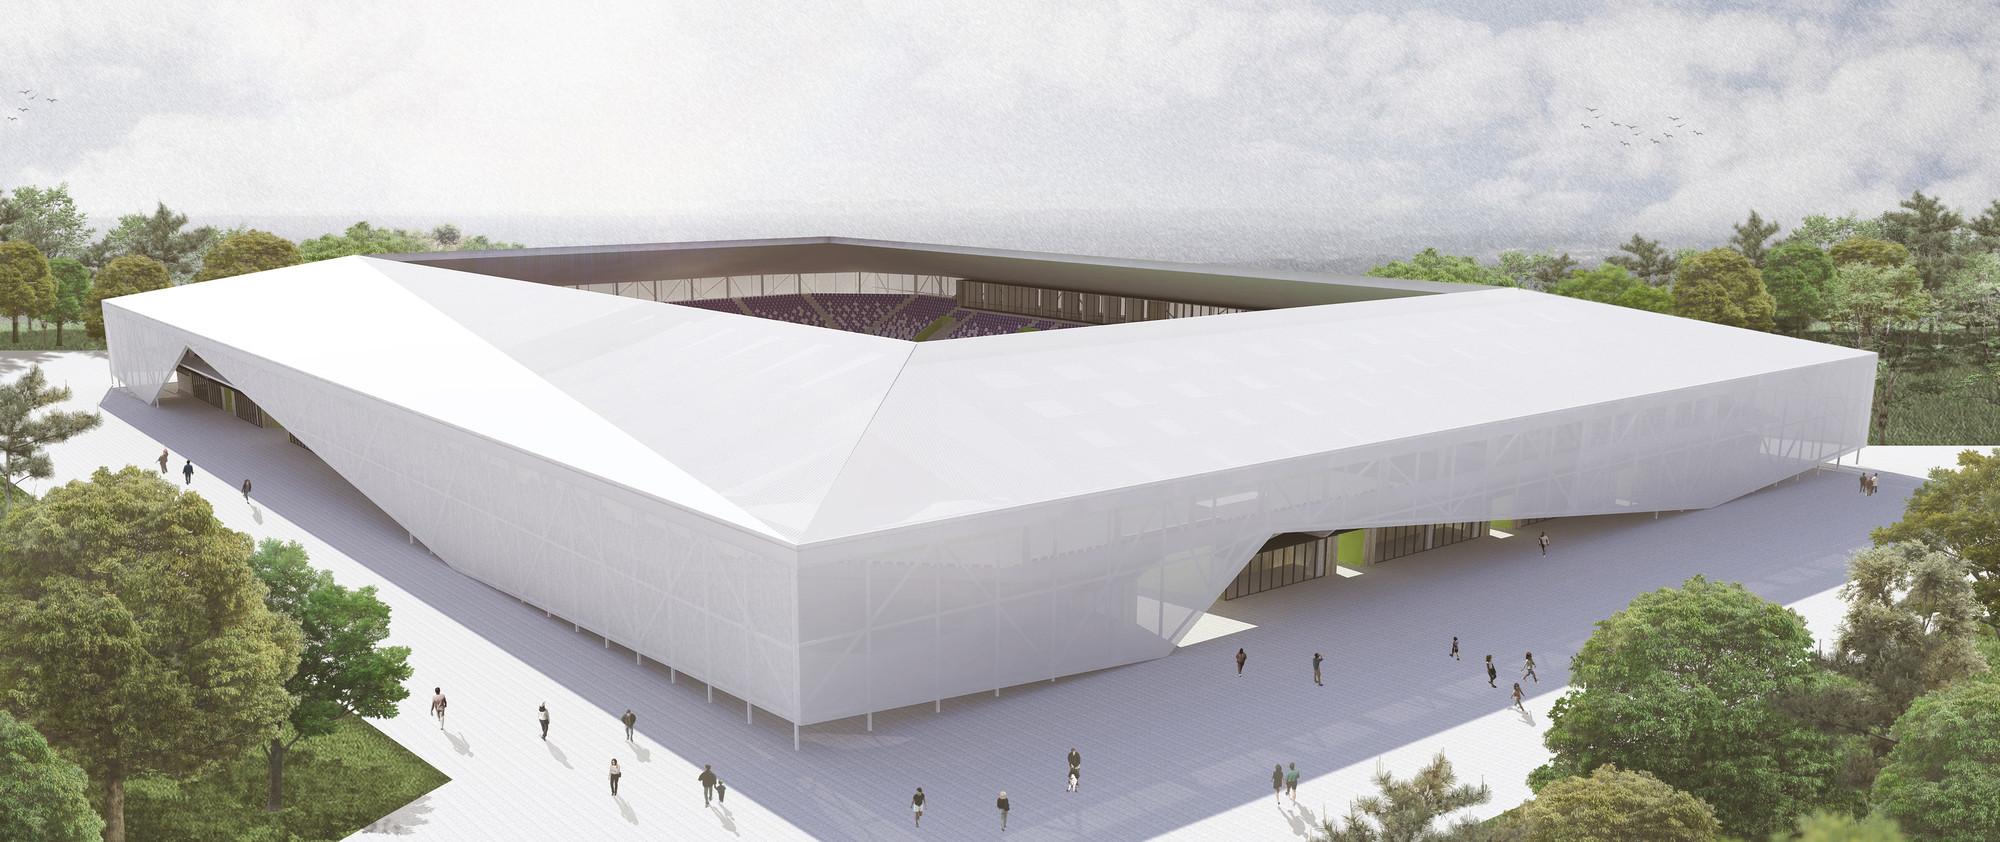 Rojas Böttner + Gajardo + Soto, primer lugar en concurso de ideas para nuevo estadio de Osorno en Chile, Vista diurna. Image Cortesia de Rojas Böttner + Gajardo + Soto